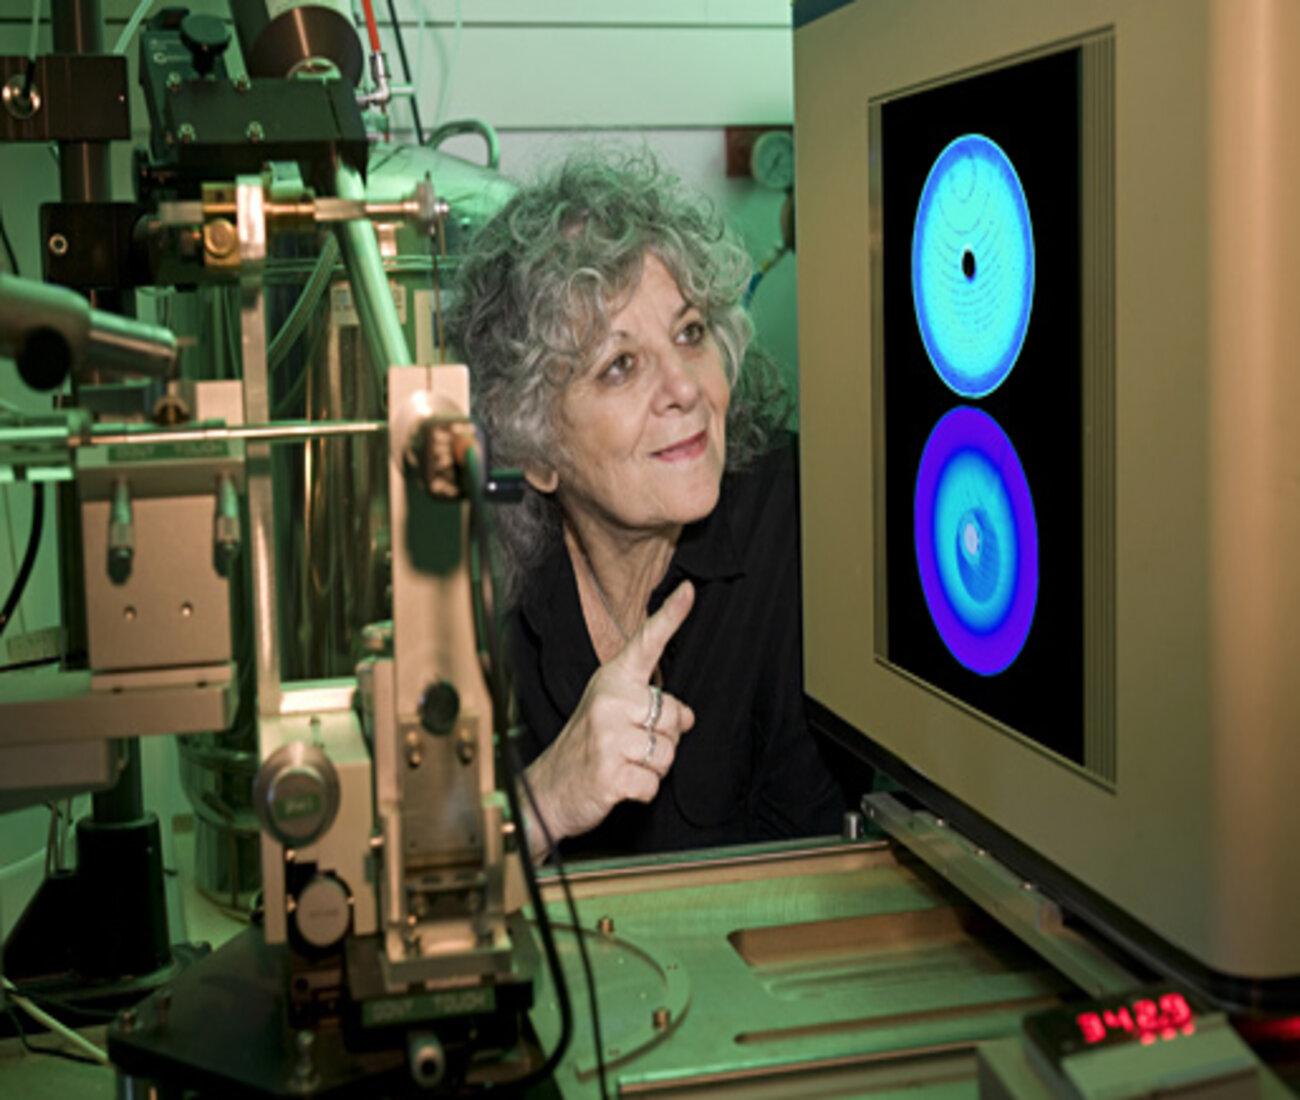 La científica israelí Ada Yonath participará en un conversatorio y en una videoconferencia en el Festival El Aleph de la UNAM, el 21 de Mayo.